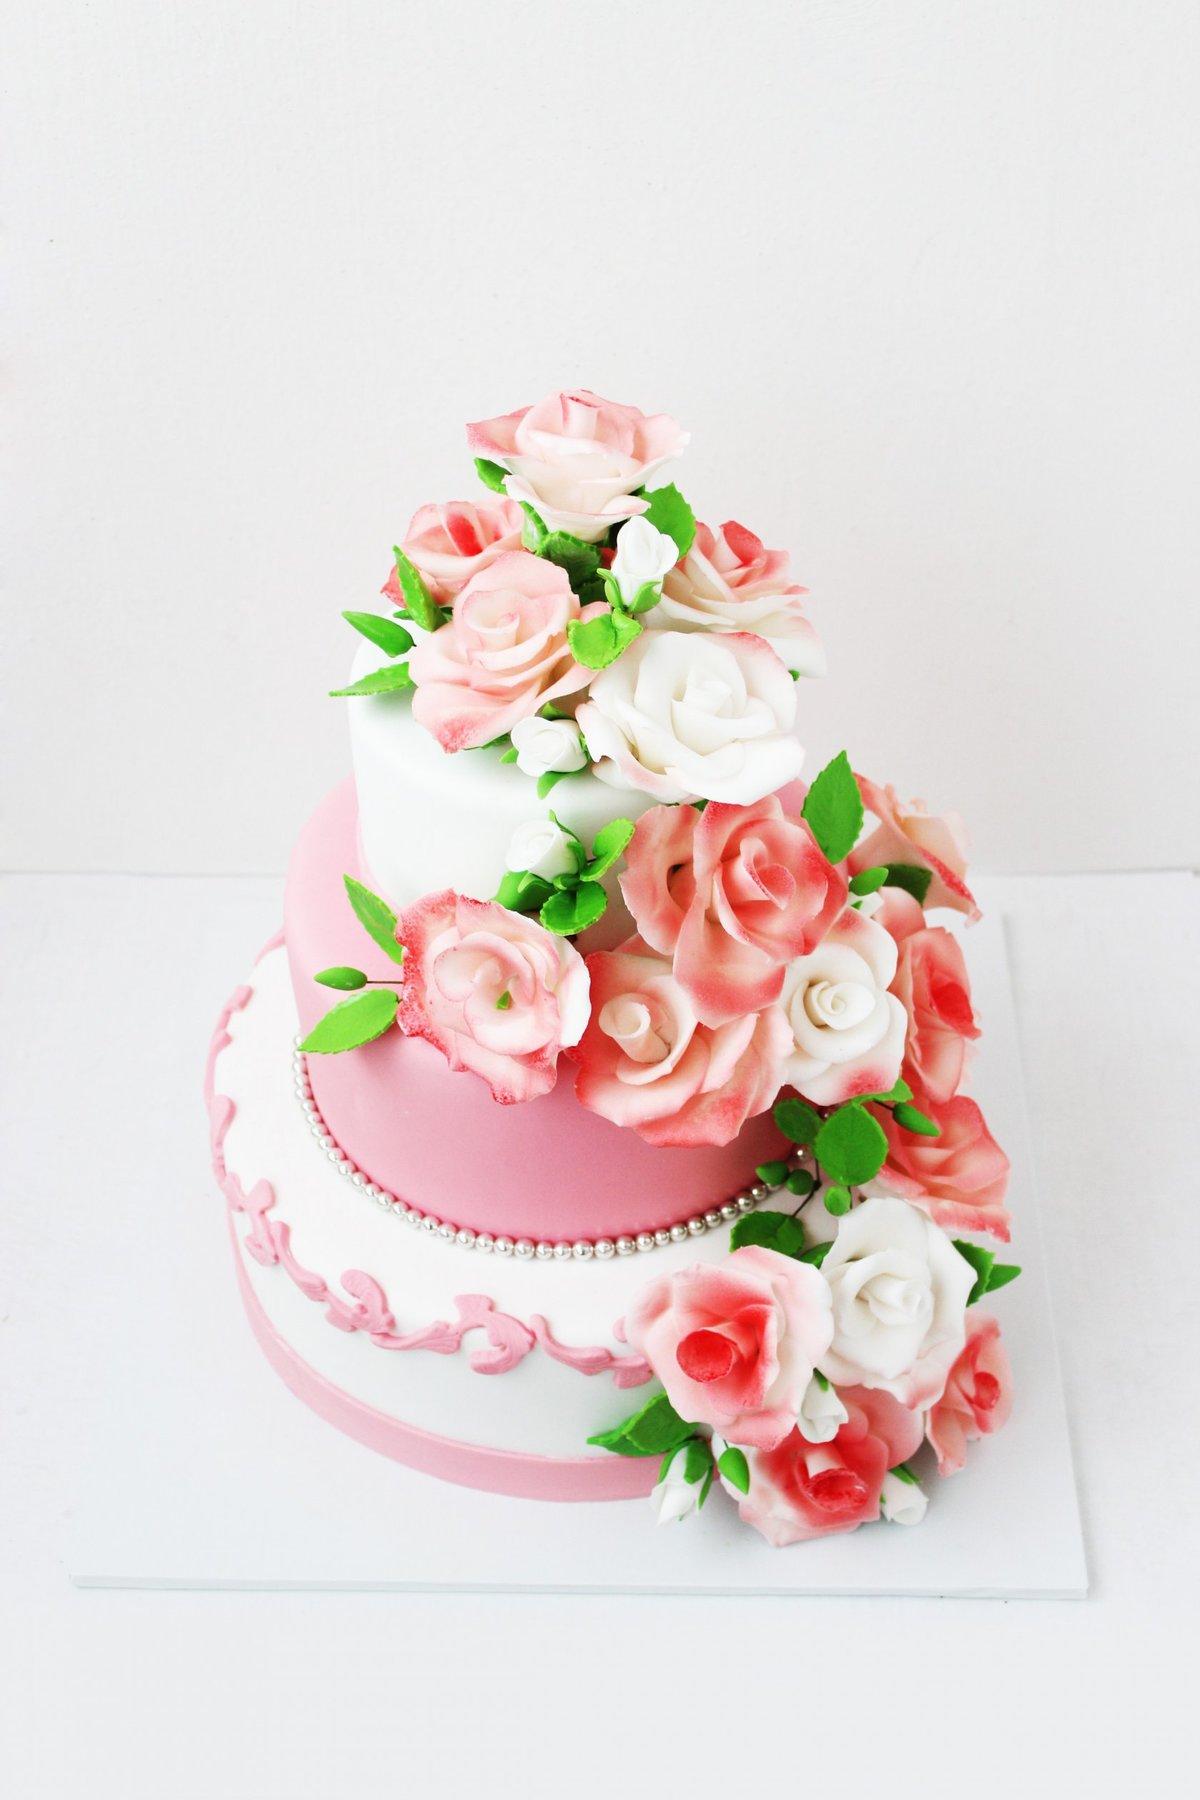 Красивый торт с цветами из мастики фото